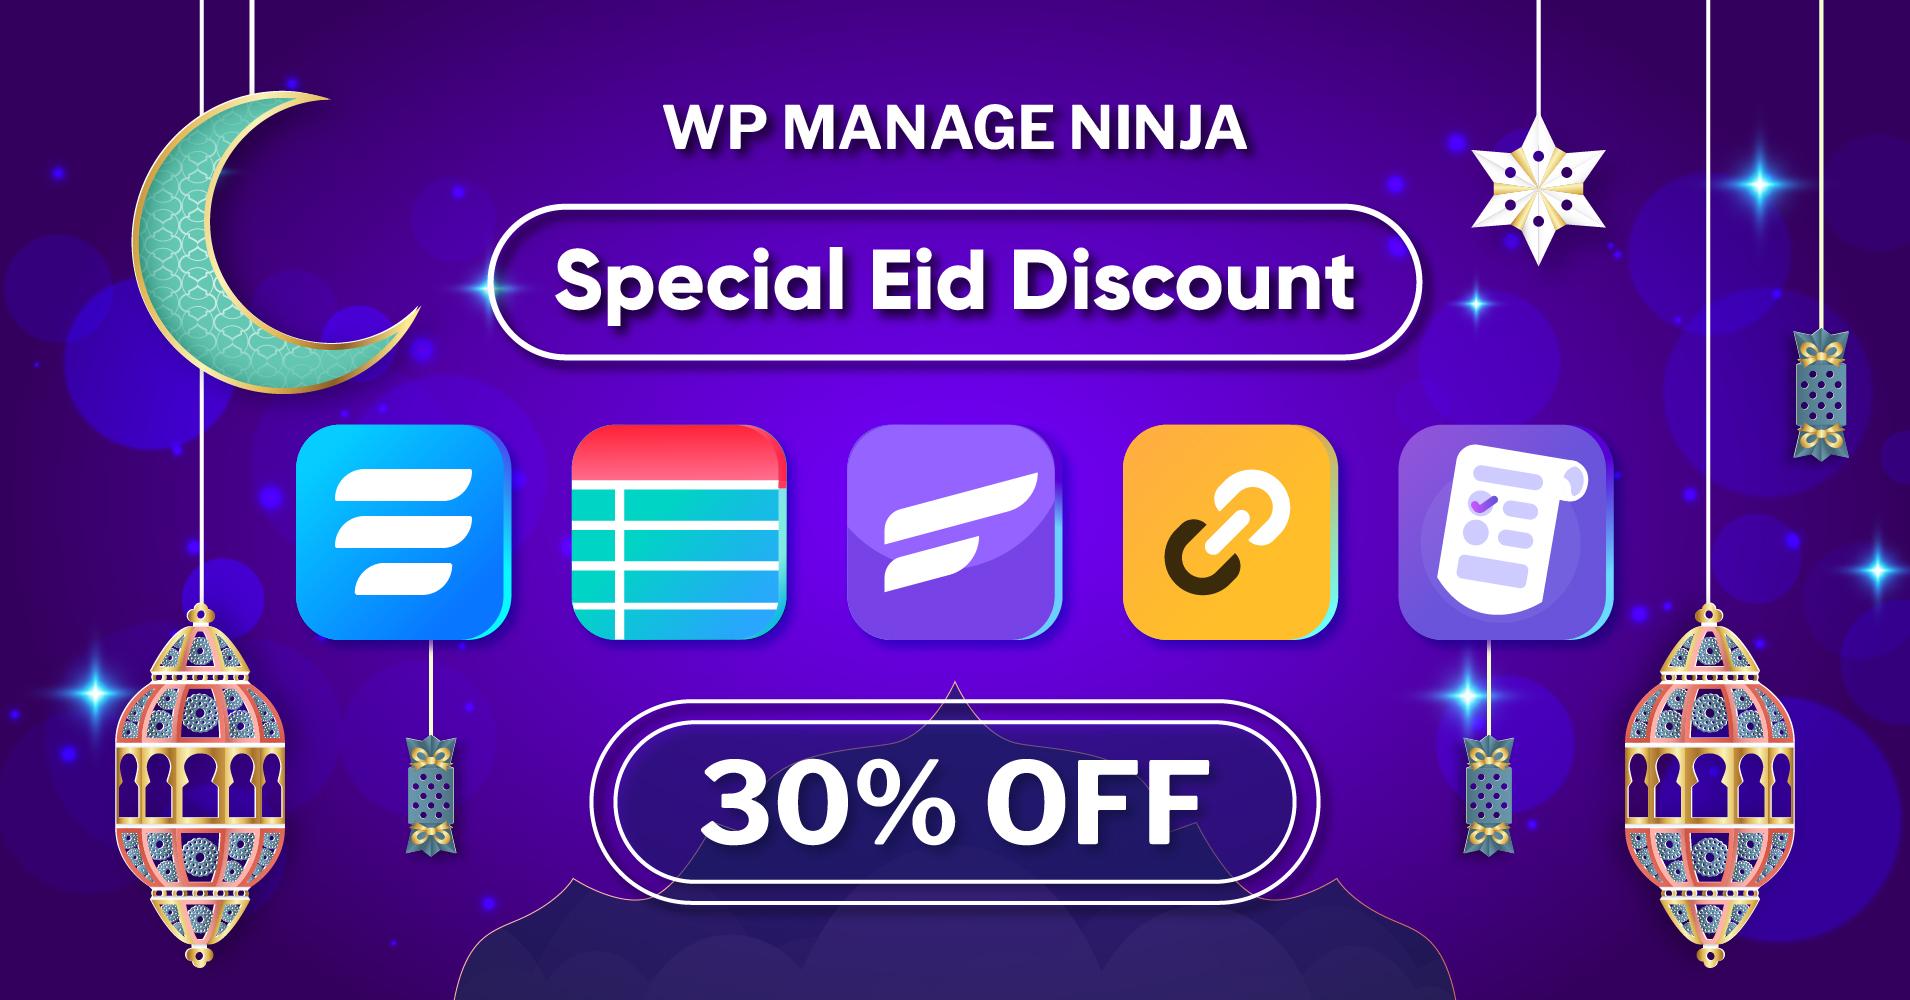 WPManageNinja Eid Special Discount